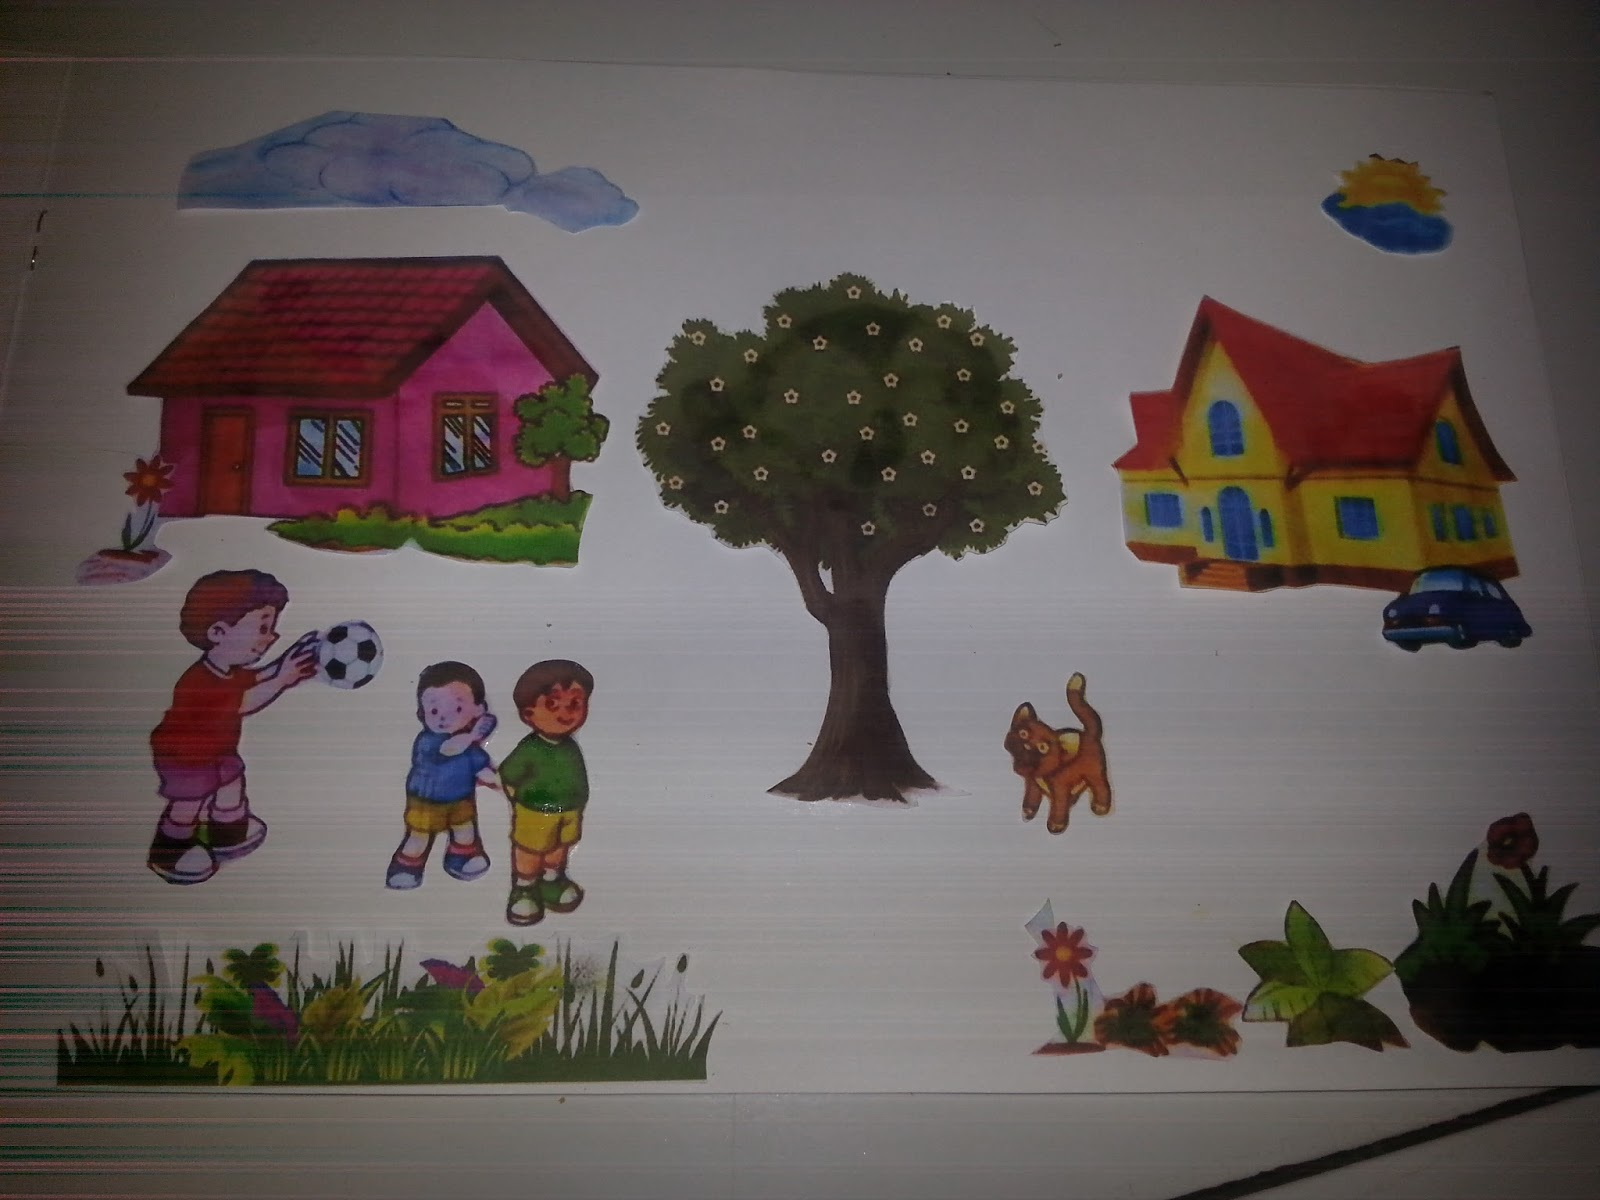 Gambar Montase Lingkungan Sekolah